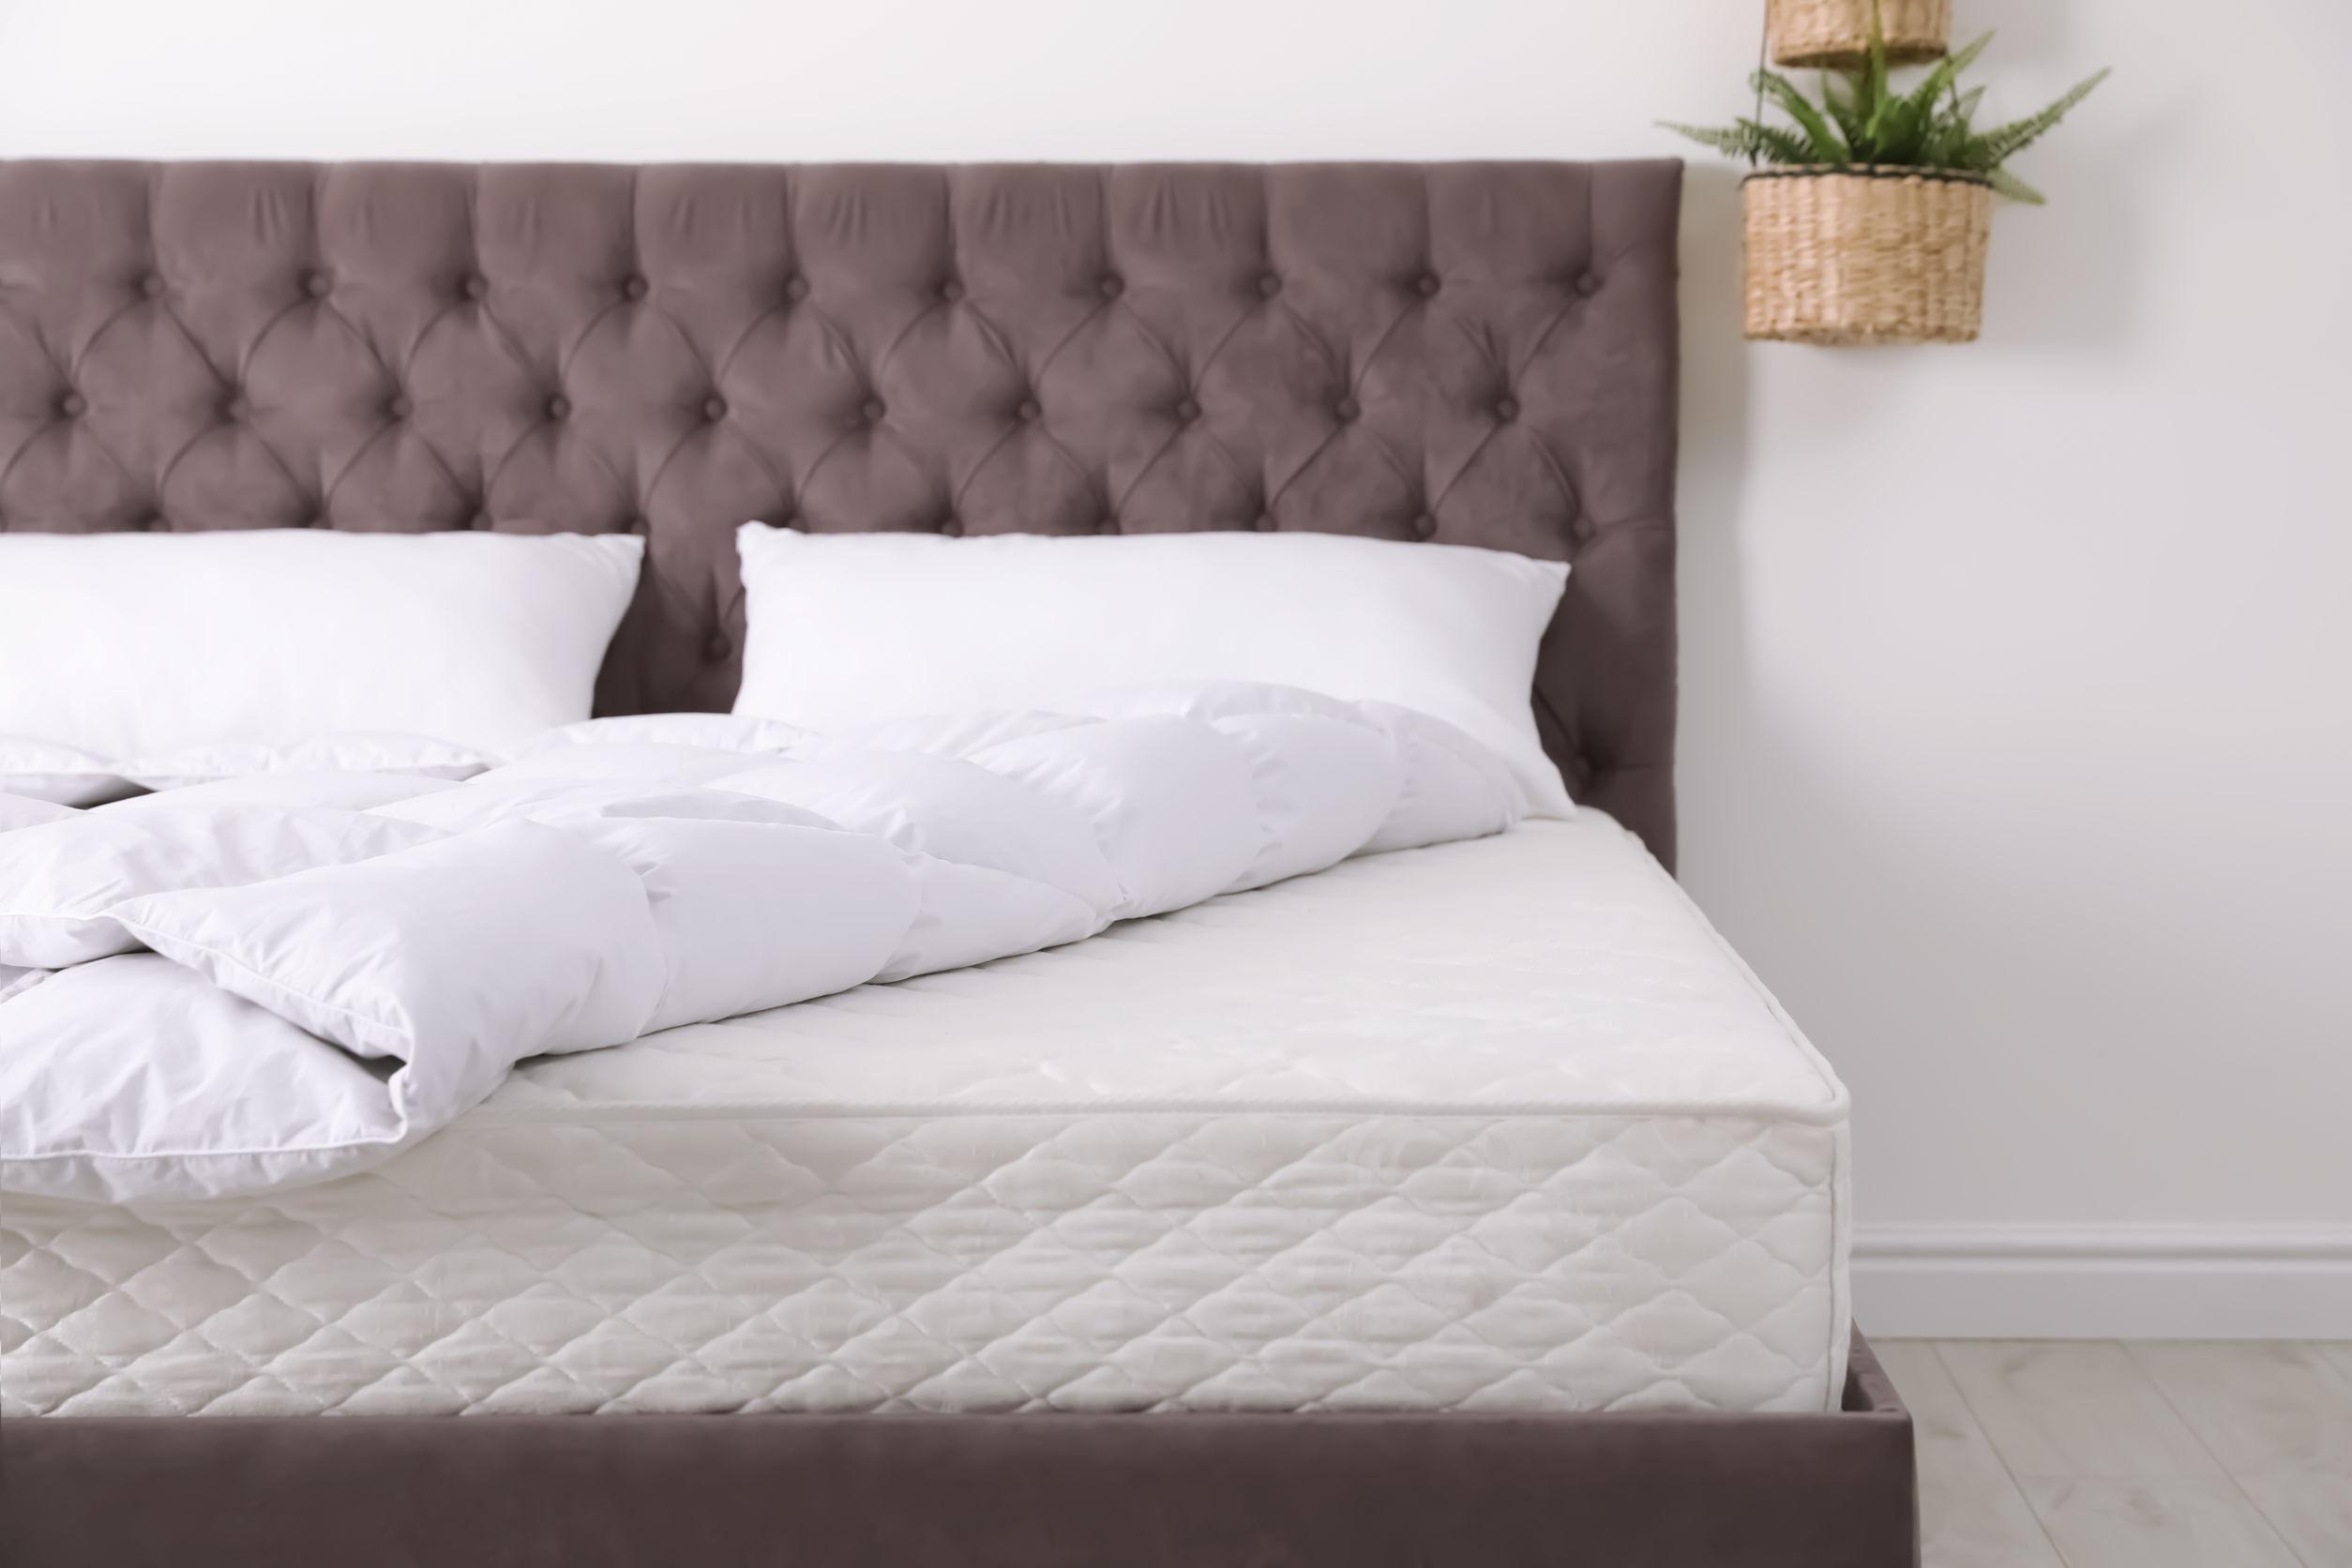 Cama cómoda con colchón nuevo en la habitación